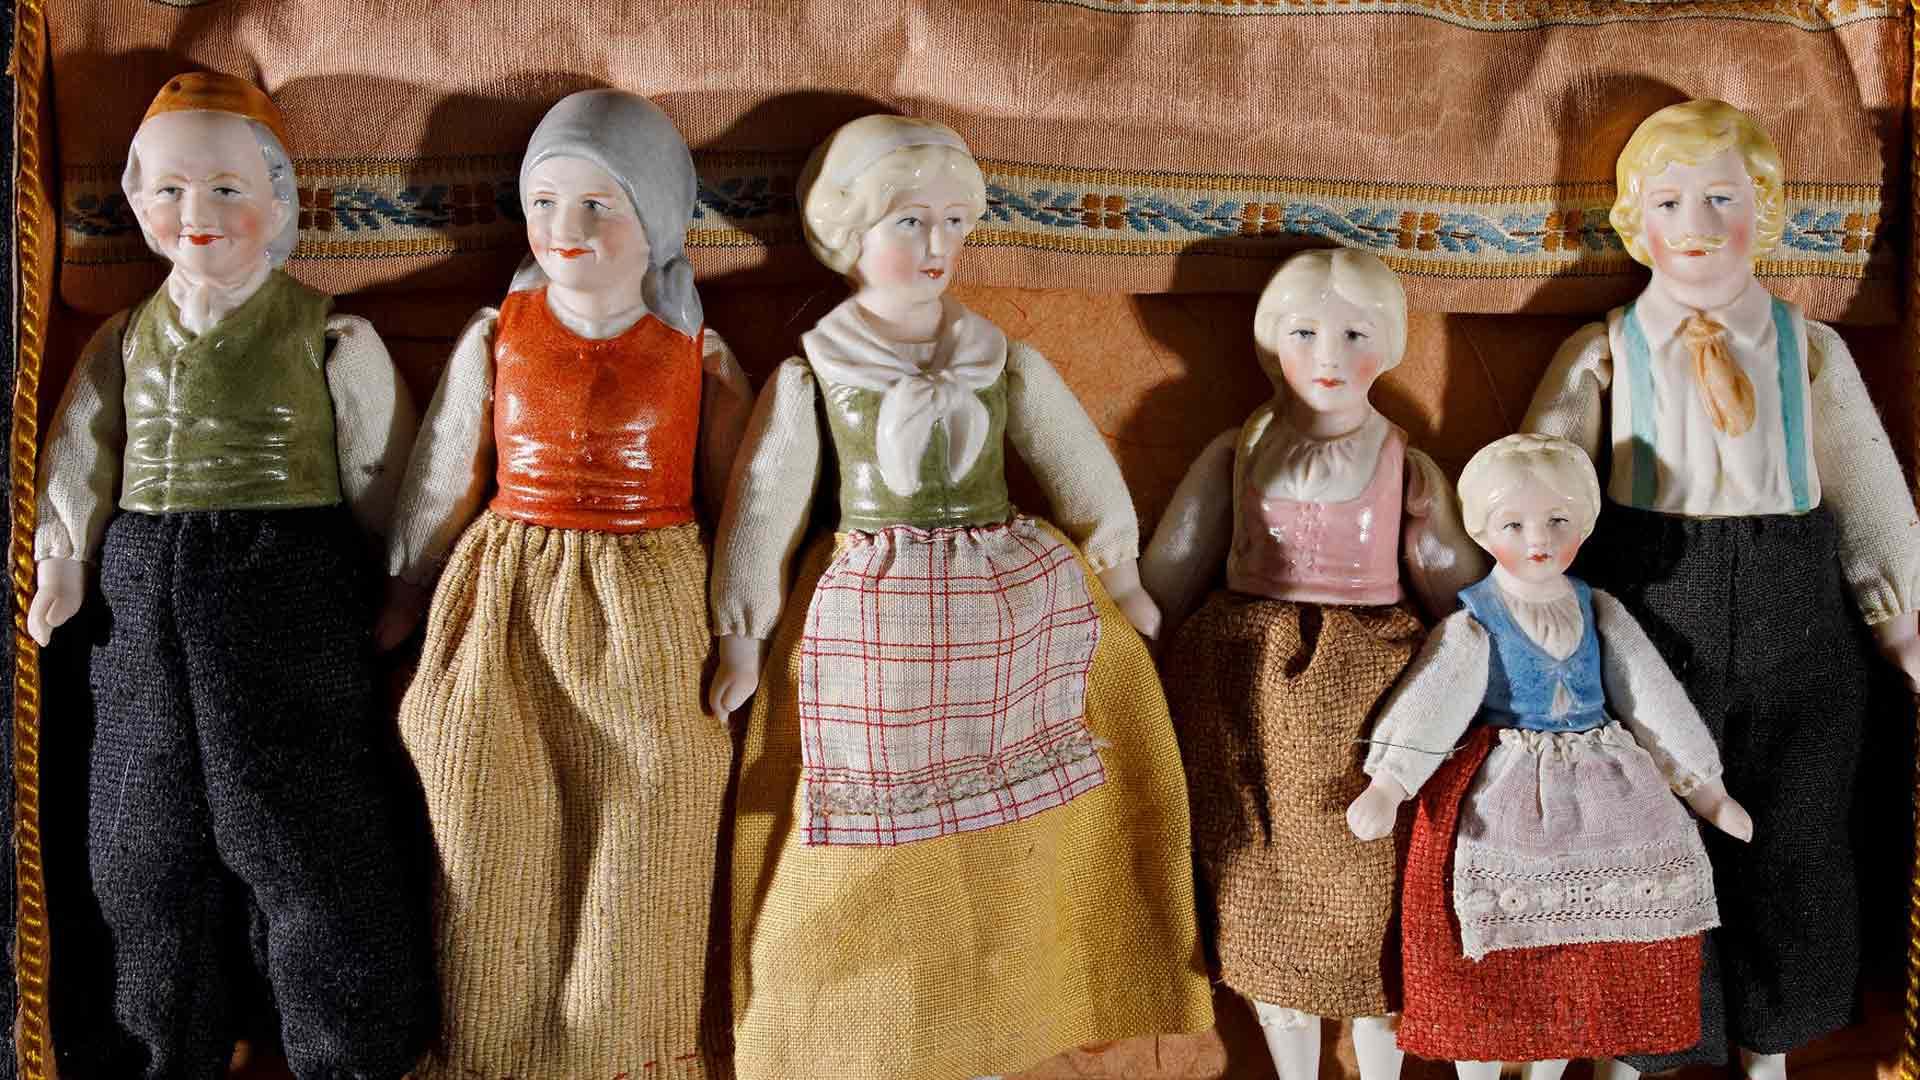 Kangasrasiassa on Lean tekemä saksalainen Farmarin perhe -nukkesarja.